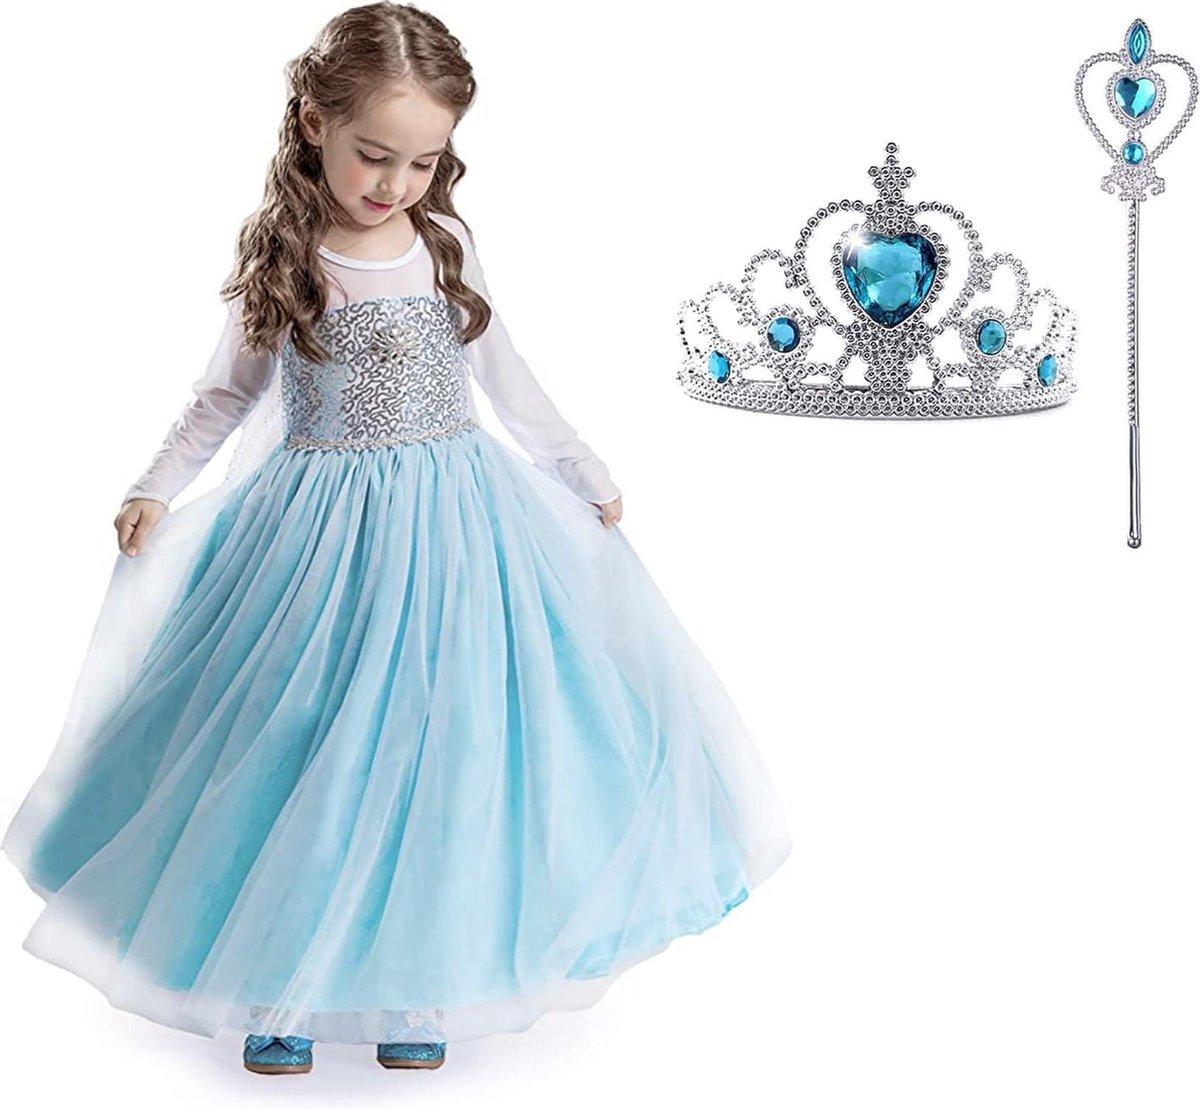 Carnavalskleding - Frozen -Elsa Jurk - Prinsessenjurk Meisje - 110 (120) Verkleedkleren Meisje